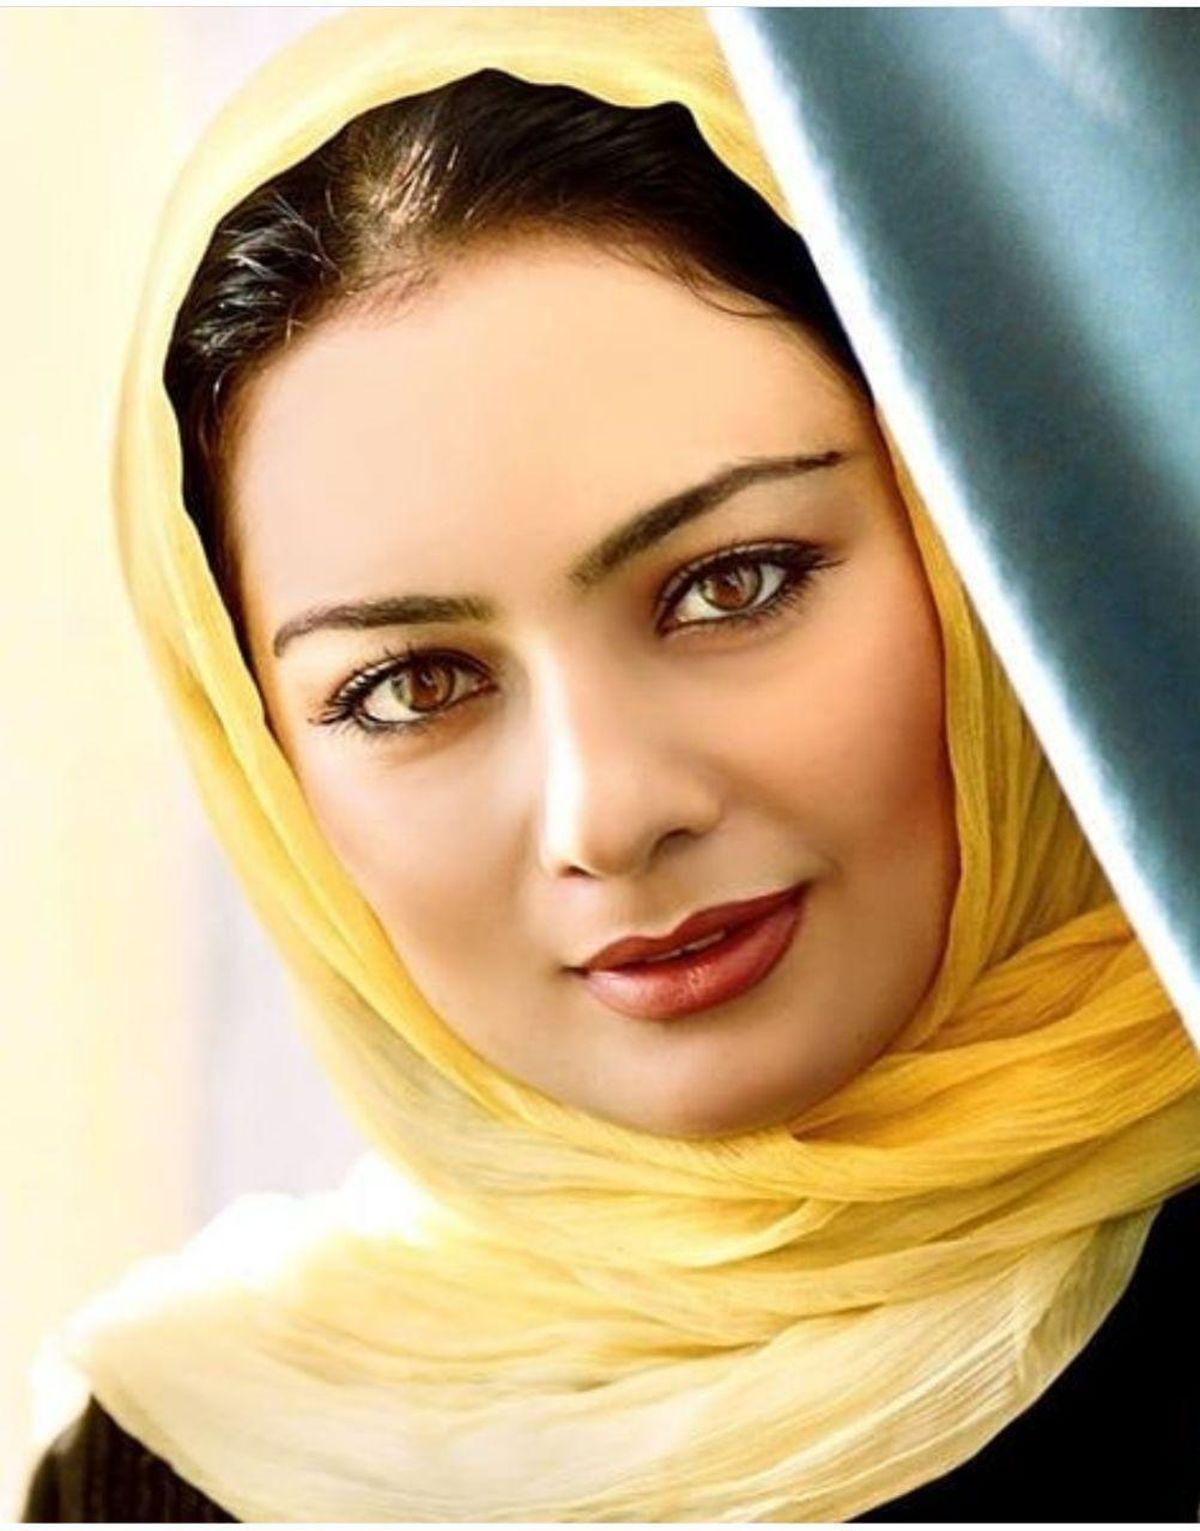 داغ ترین عکس یکتا ناصر پس از تمام شدن سریال دل